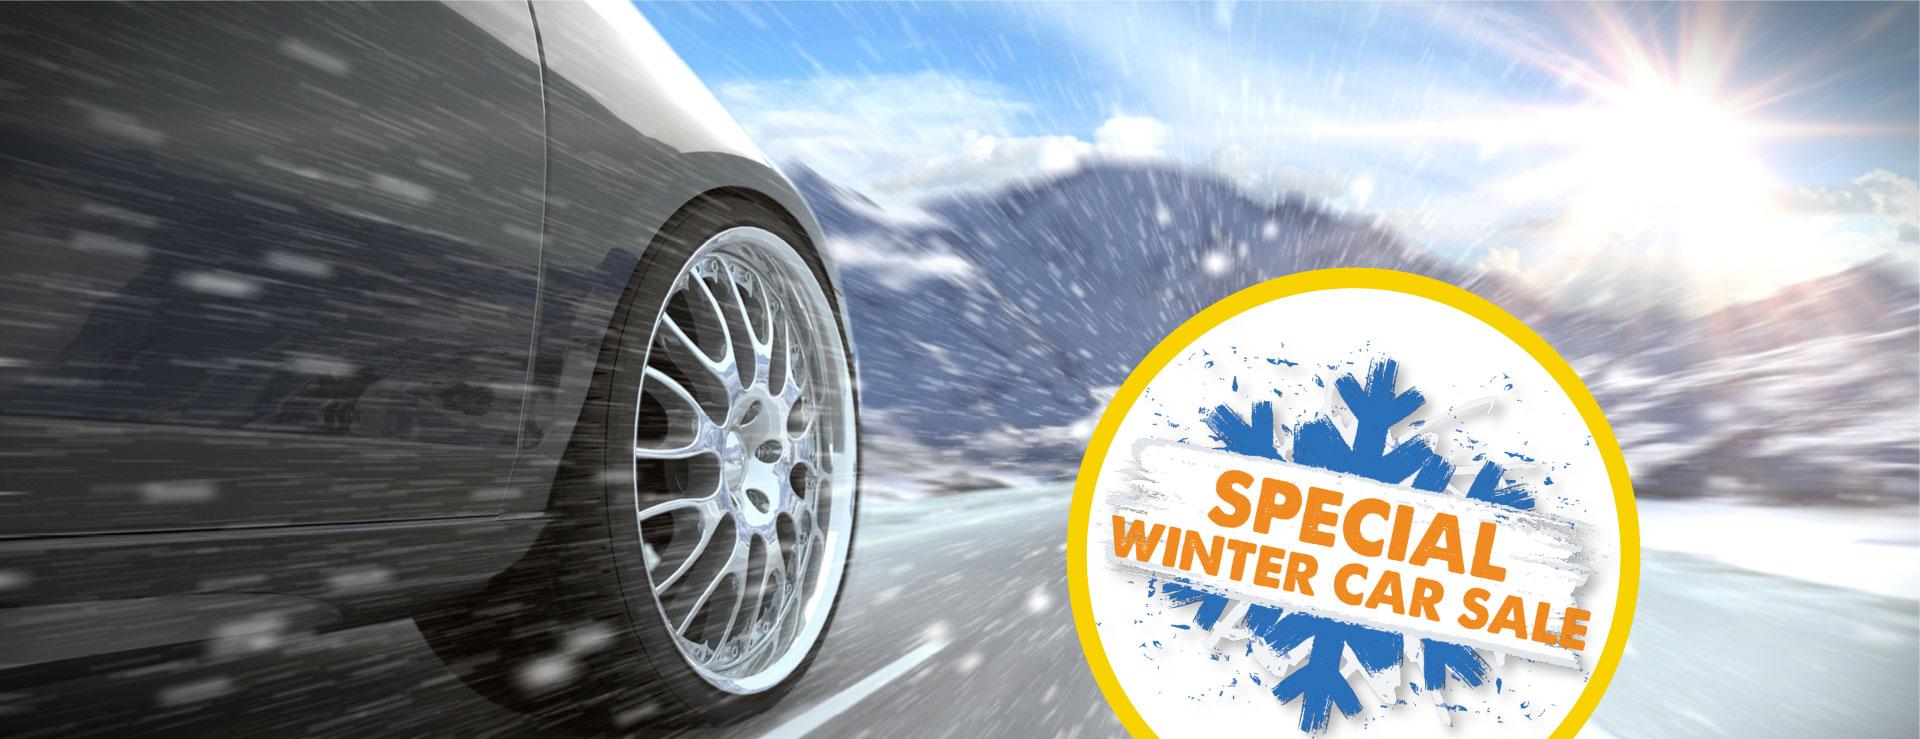 winter-car-sale-web-3